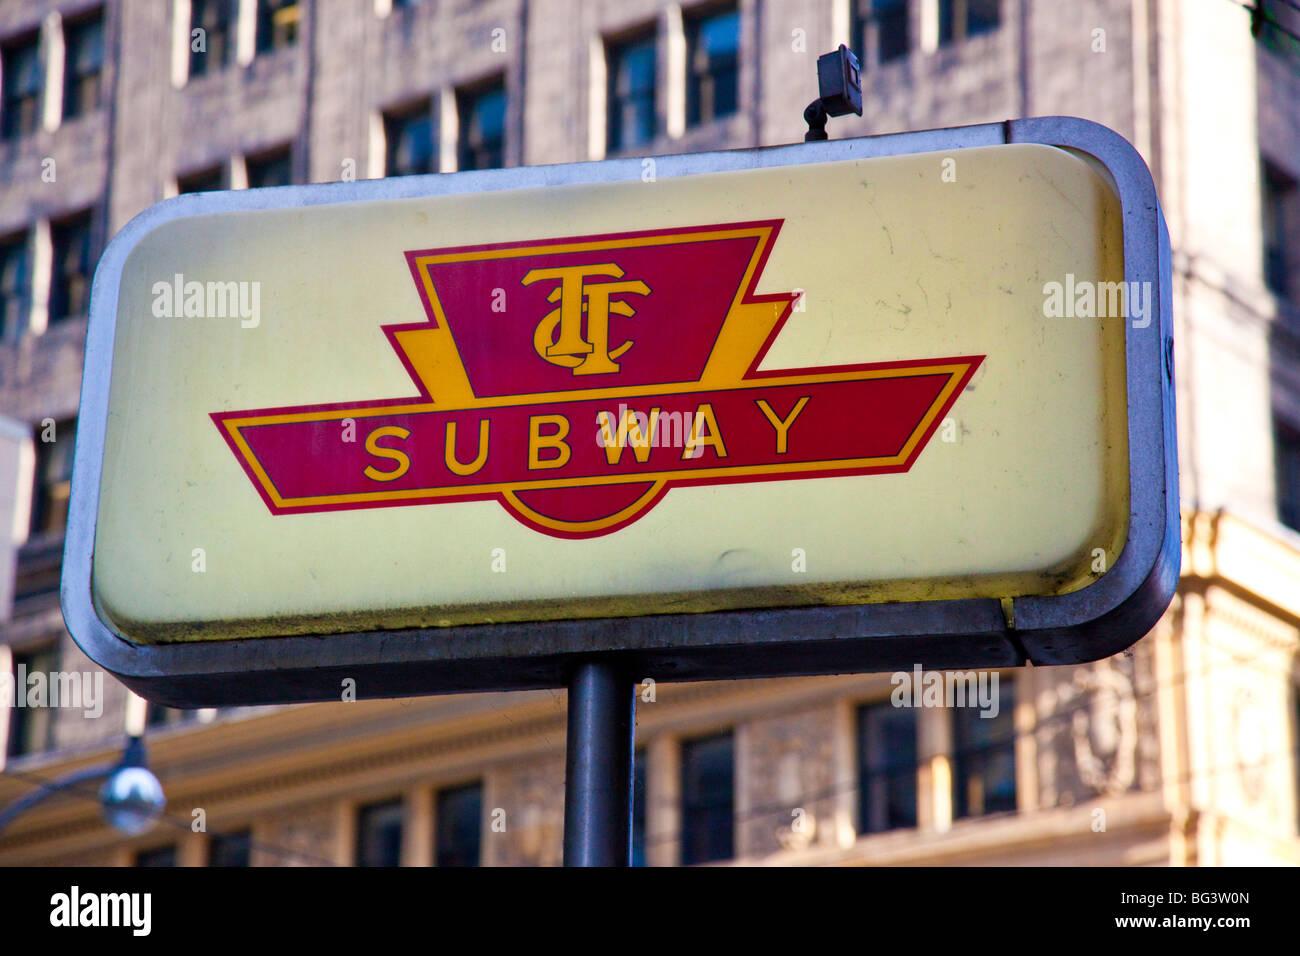 TTC, simbolo metropolitana nel centro cittadino di Toronto in Canada Immagini Stock